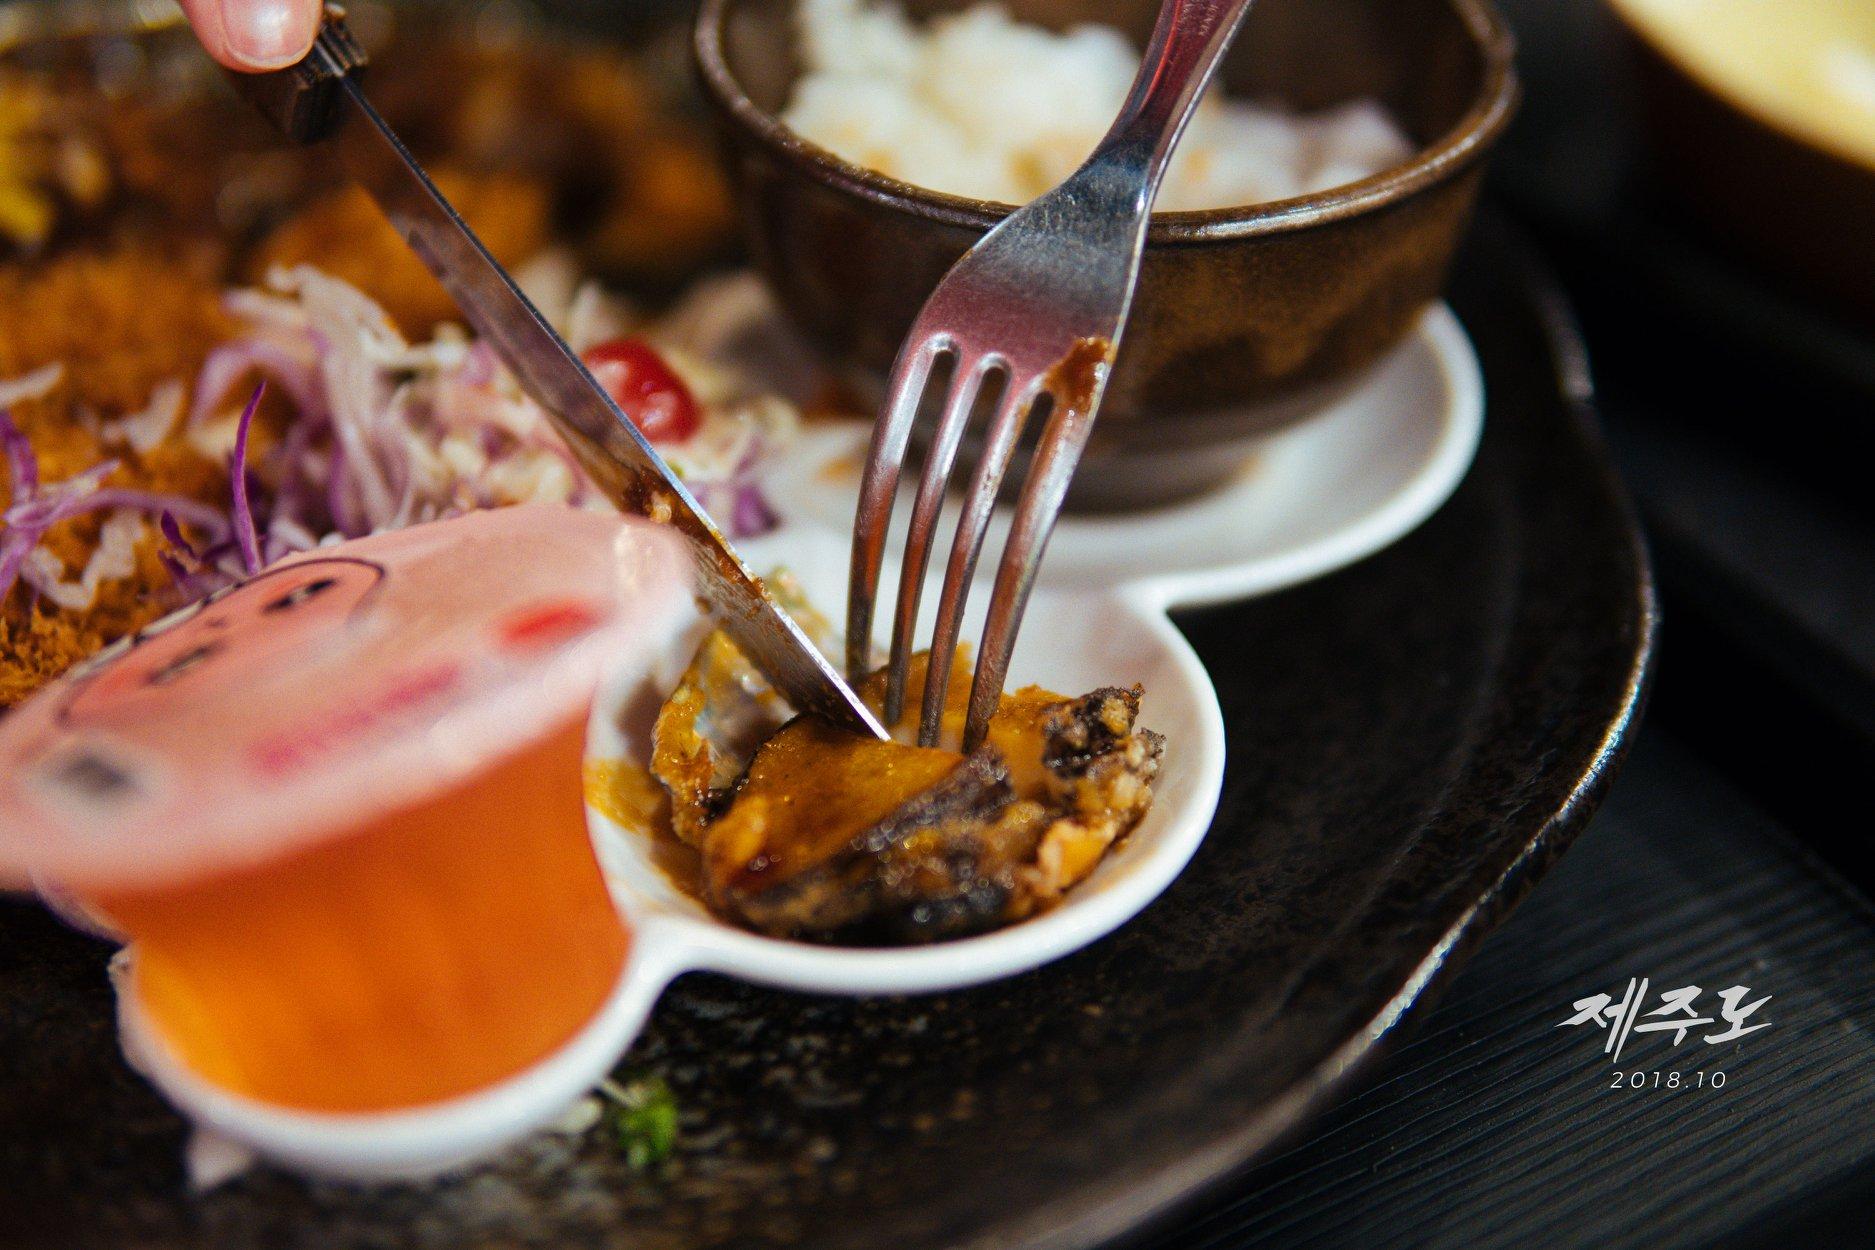 濟州遊記 2018 | 濟州自駕遊 | Day One: AirAsia飛機餐 | 濟州第一頓飯: 봉you | 西歸浦美食 | 濟州神話世界溜達